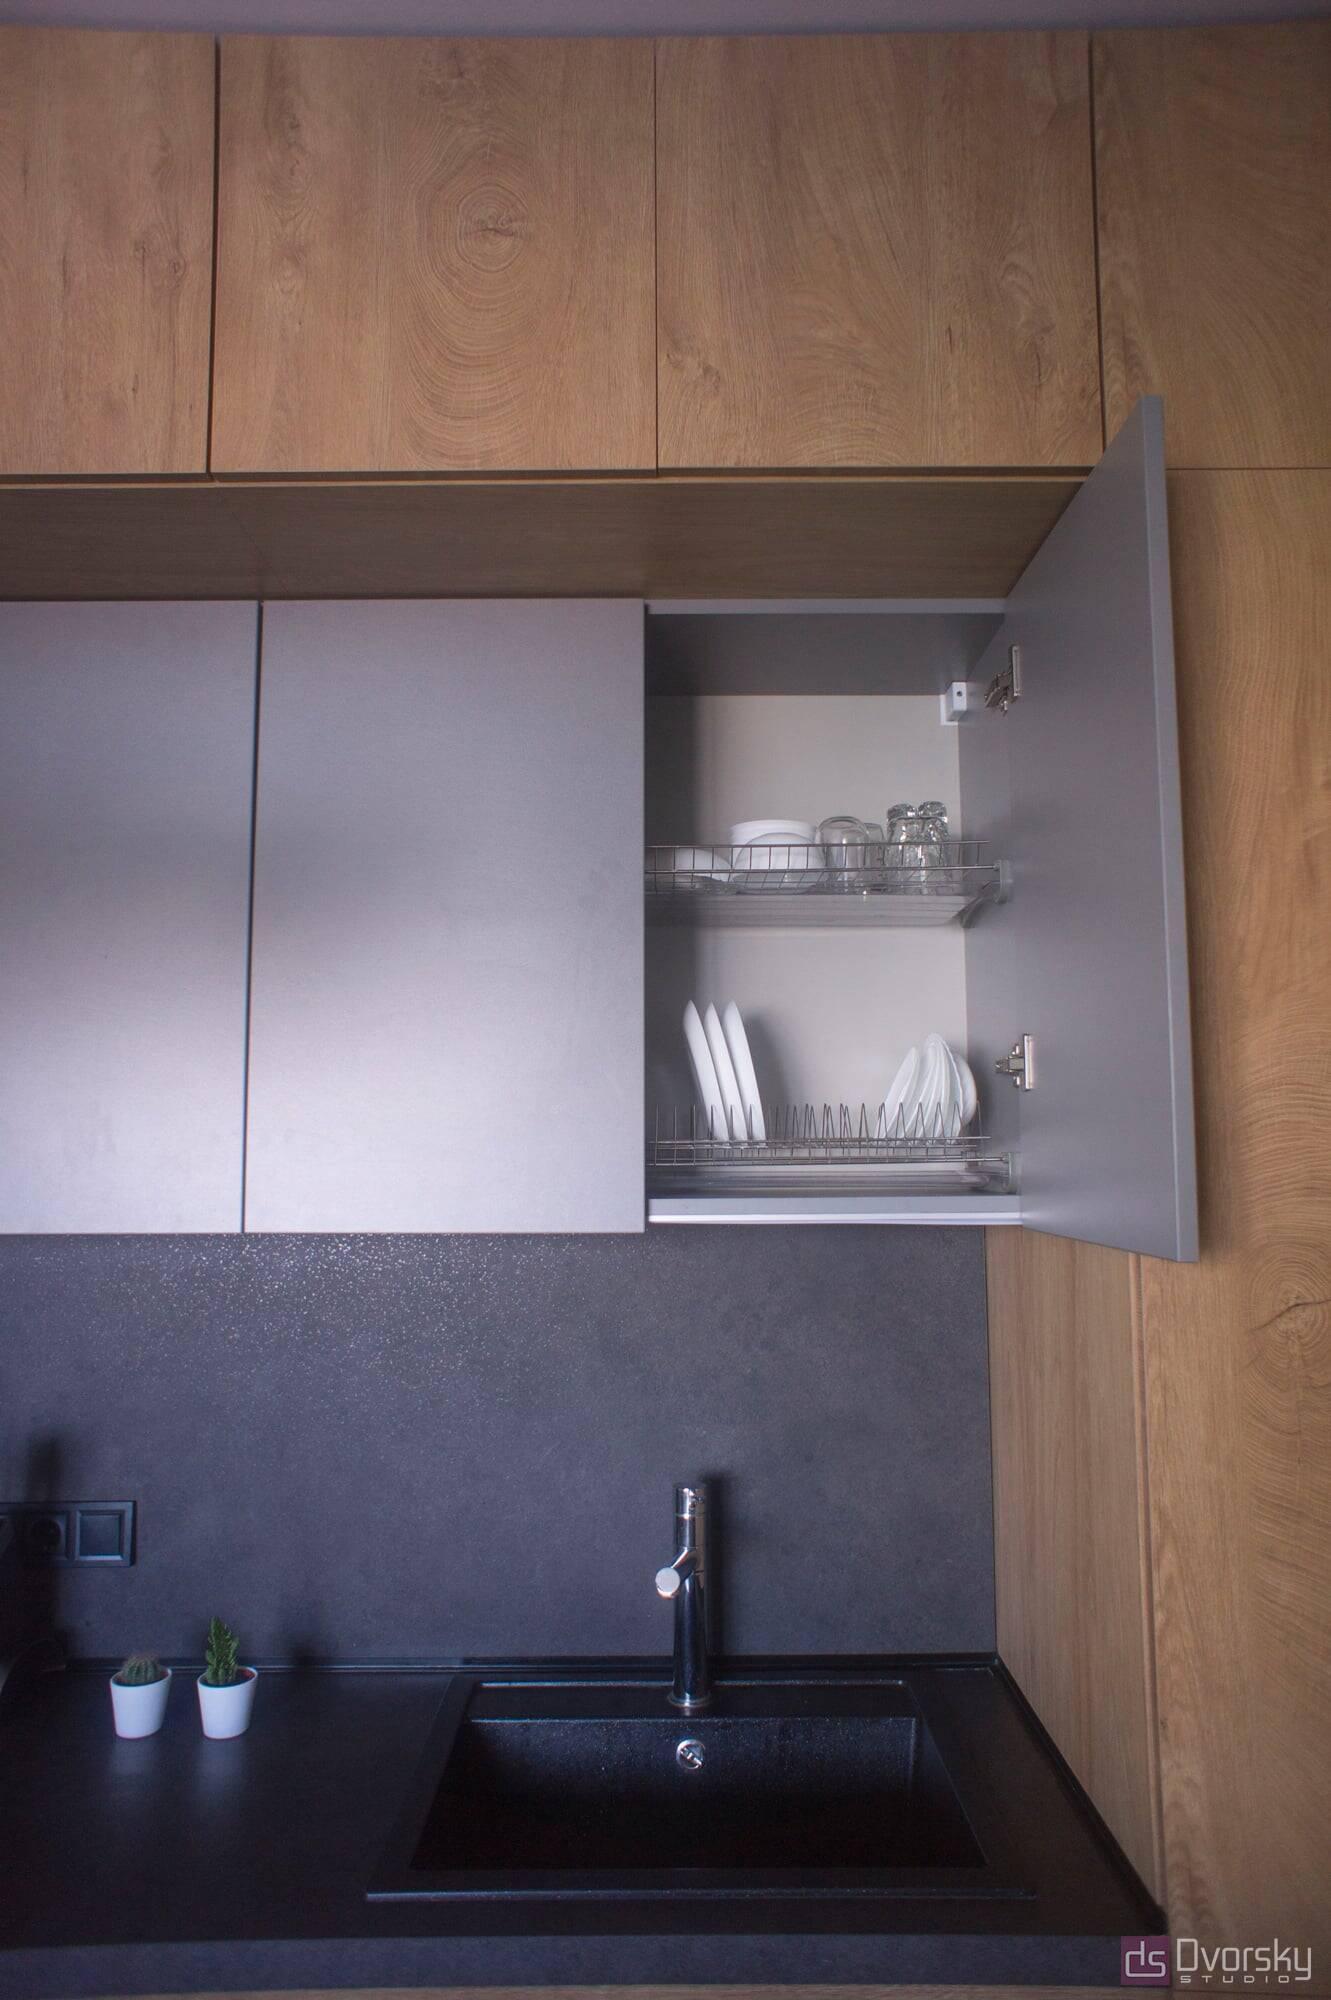 Острівні кухні Кухня Arpa синій колір - Фото № 7